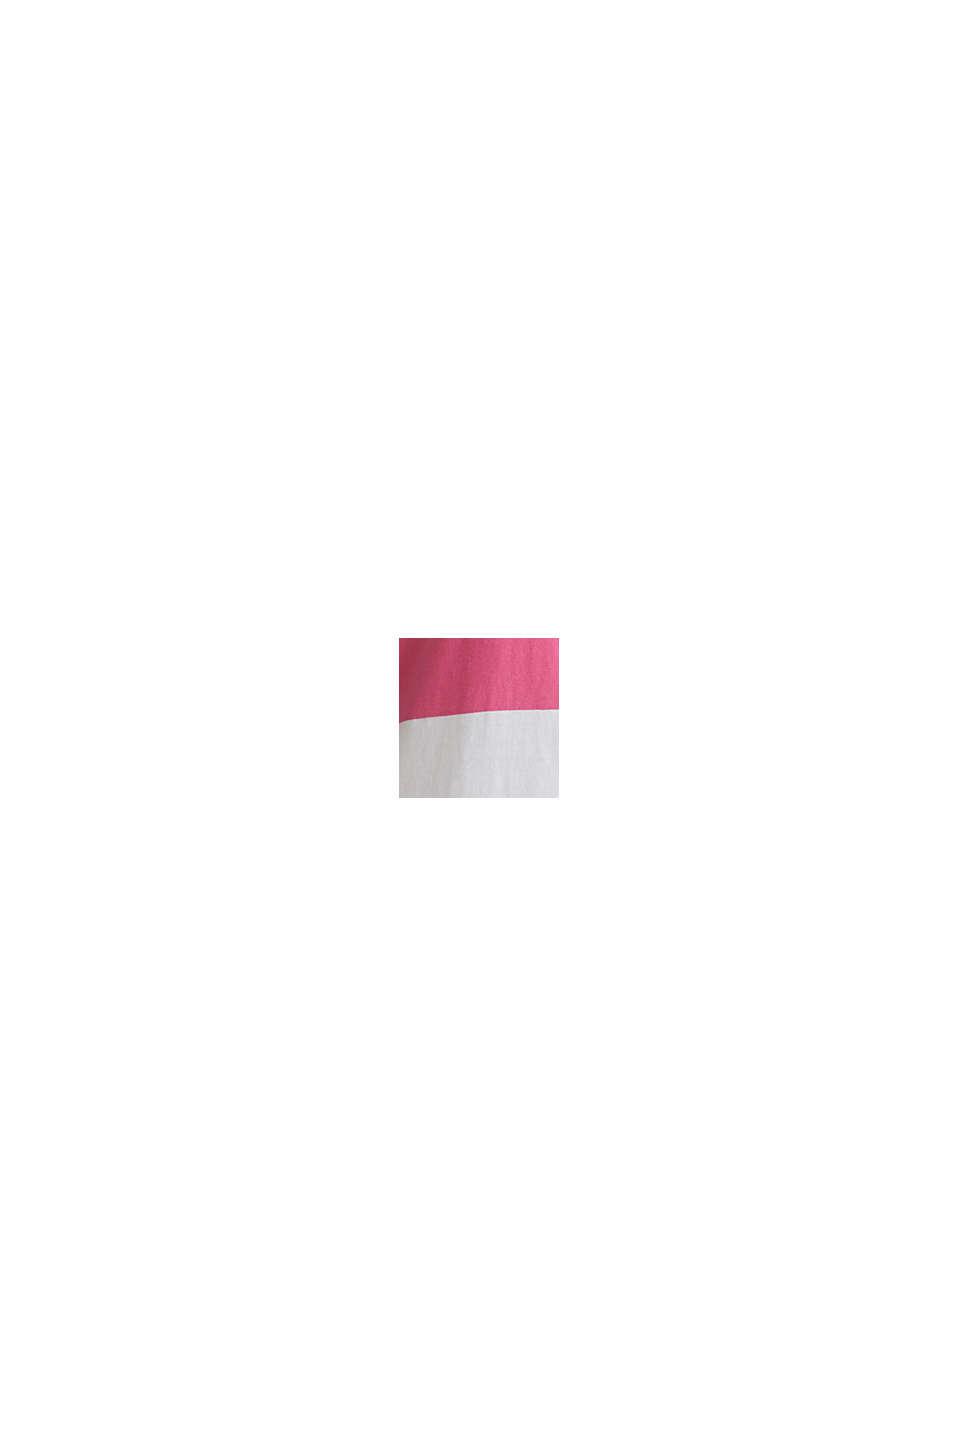 Jersey-Kleid, 100% Baumwolle, PINK FUCHSIA, swatch